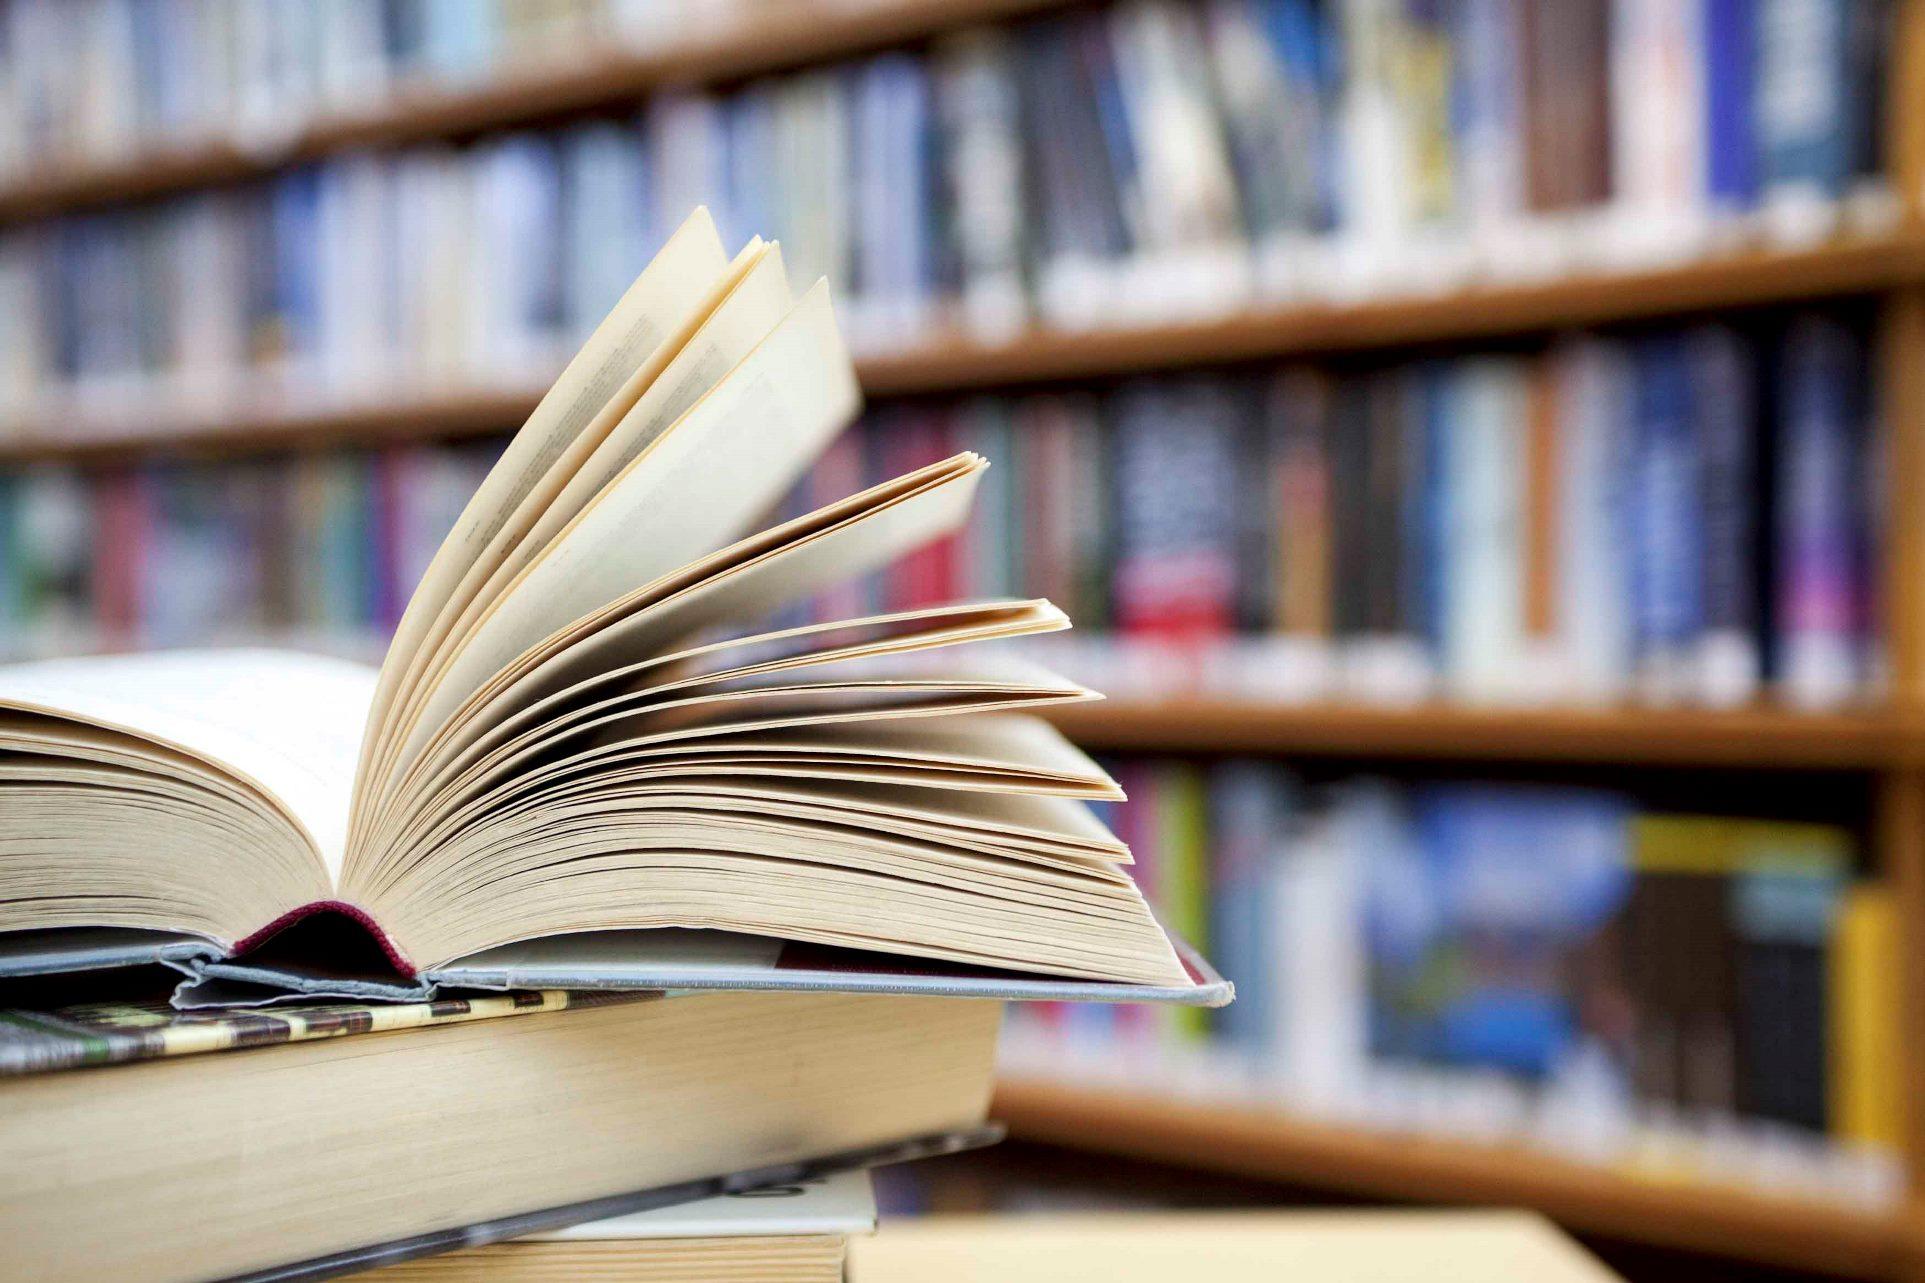 Istat: 2020 di perdite consistenti per 9 editori su 10